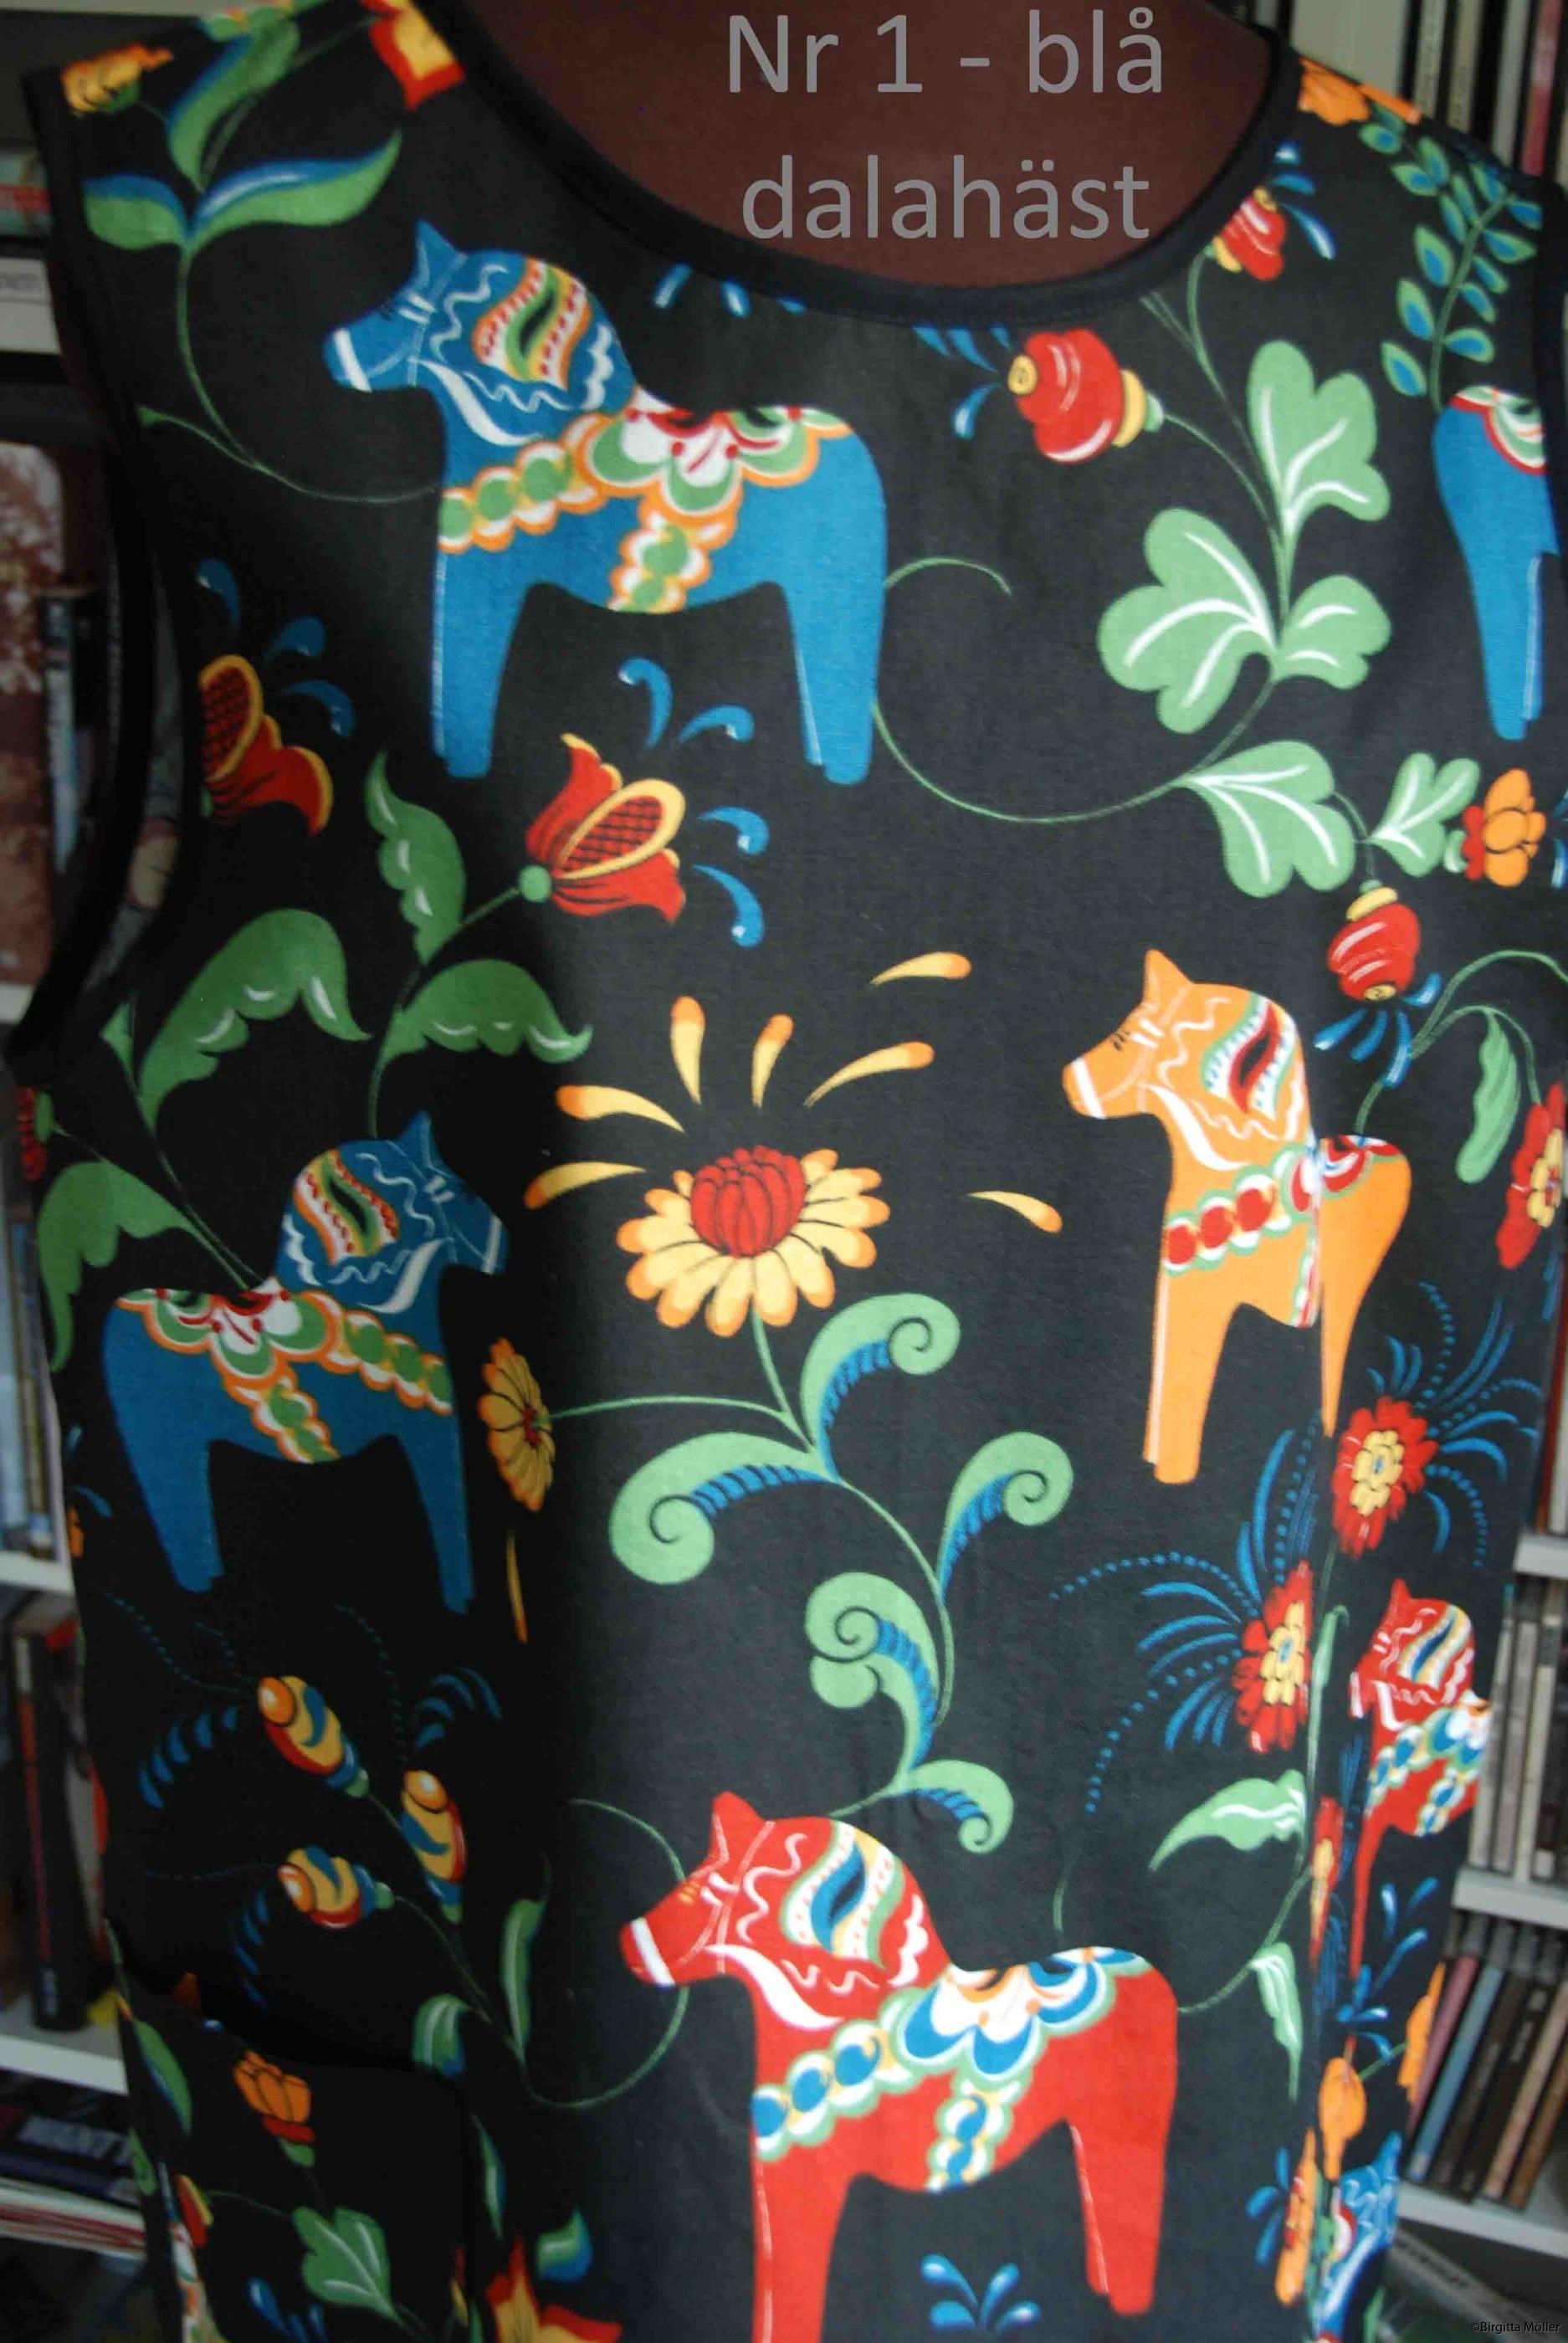 Unikt retroförkläde nr_1c blå dalahäst